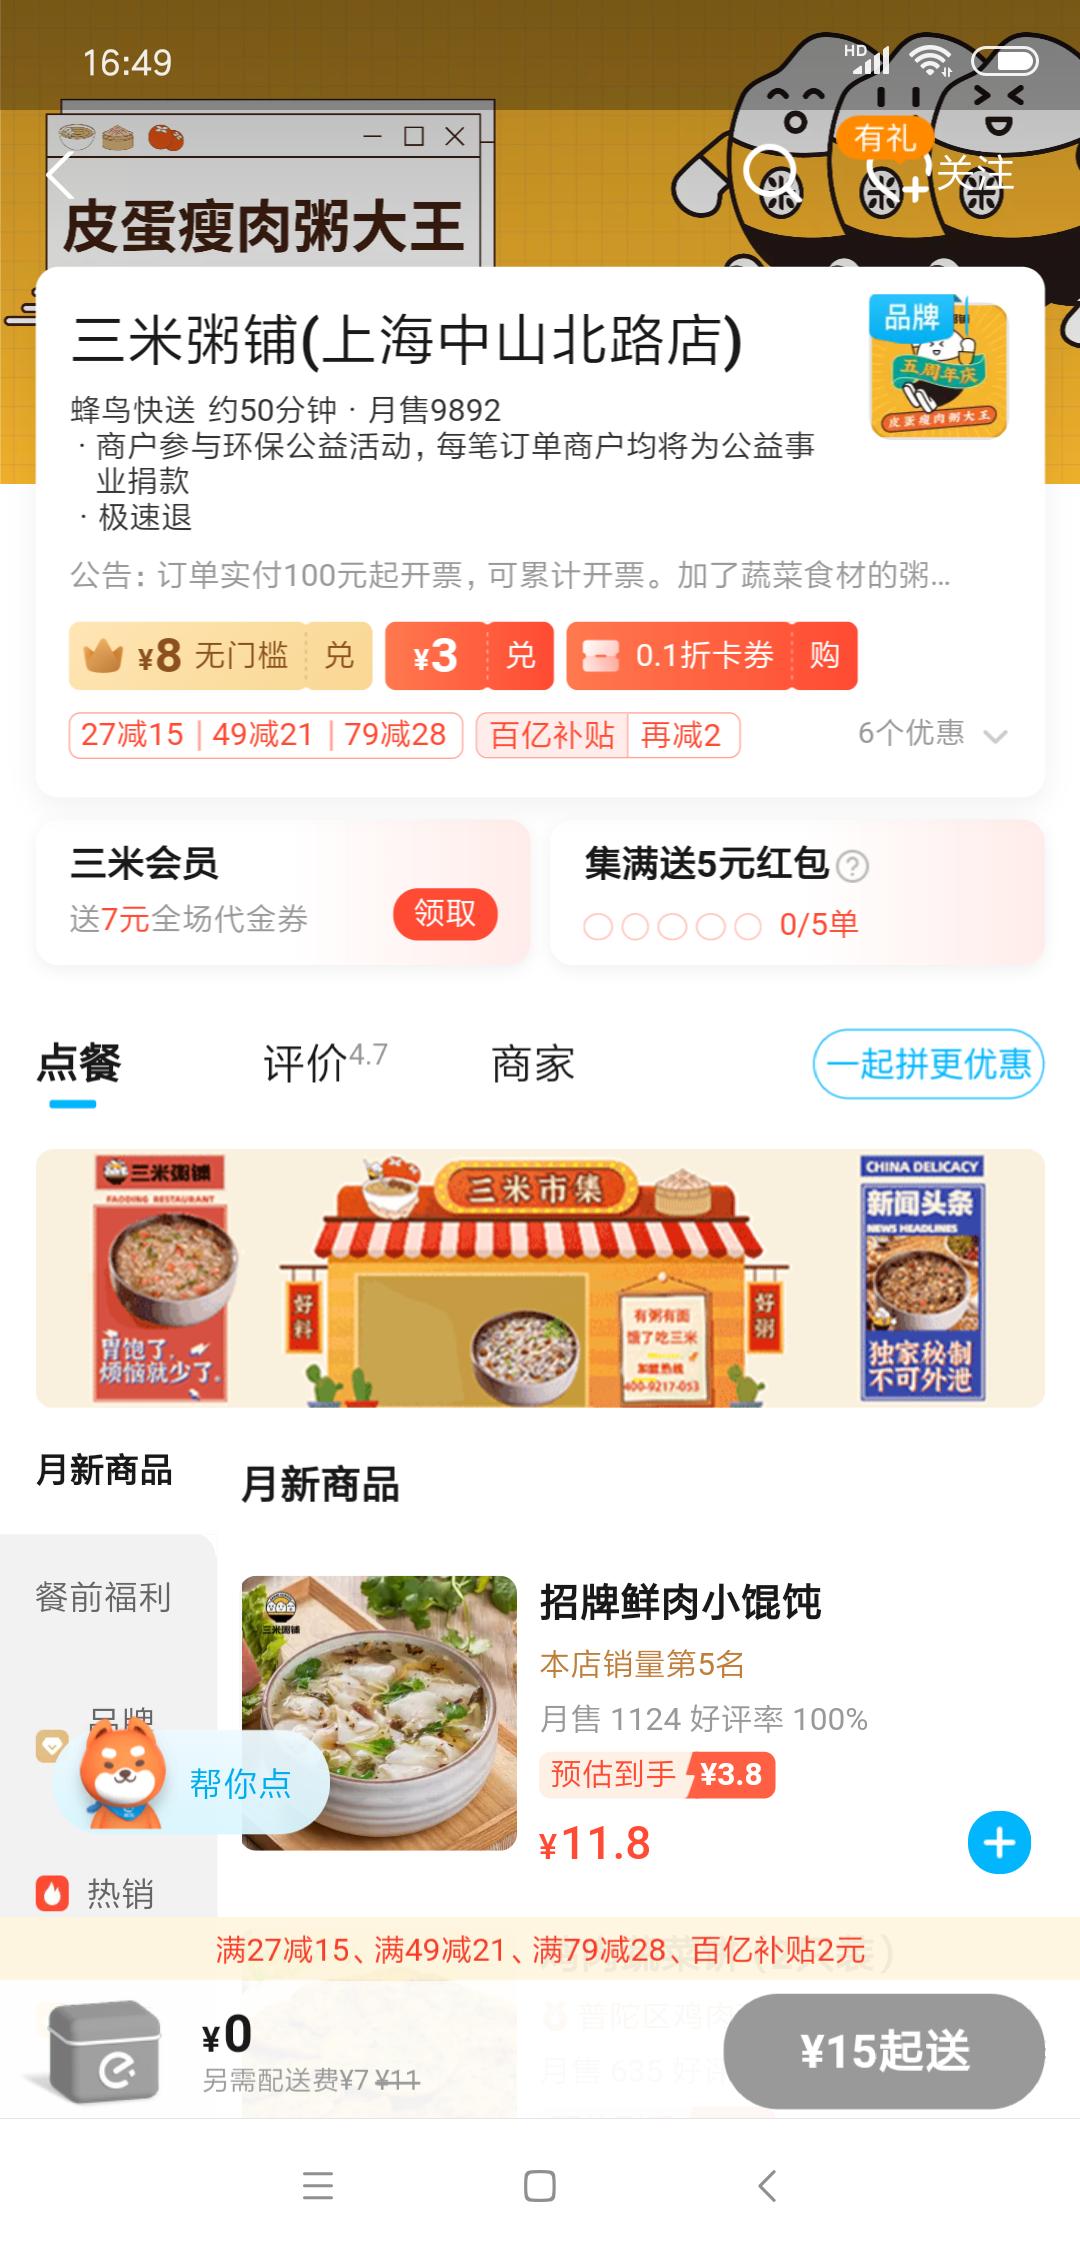 上海中山北路店.png